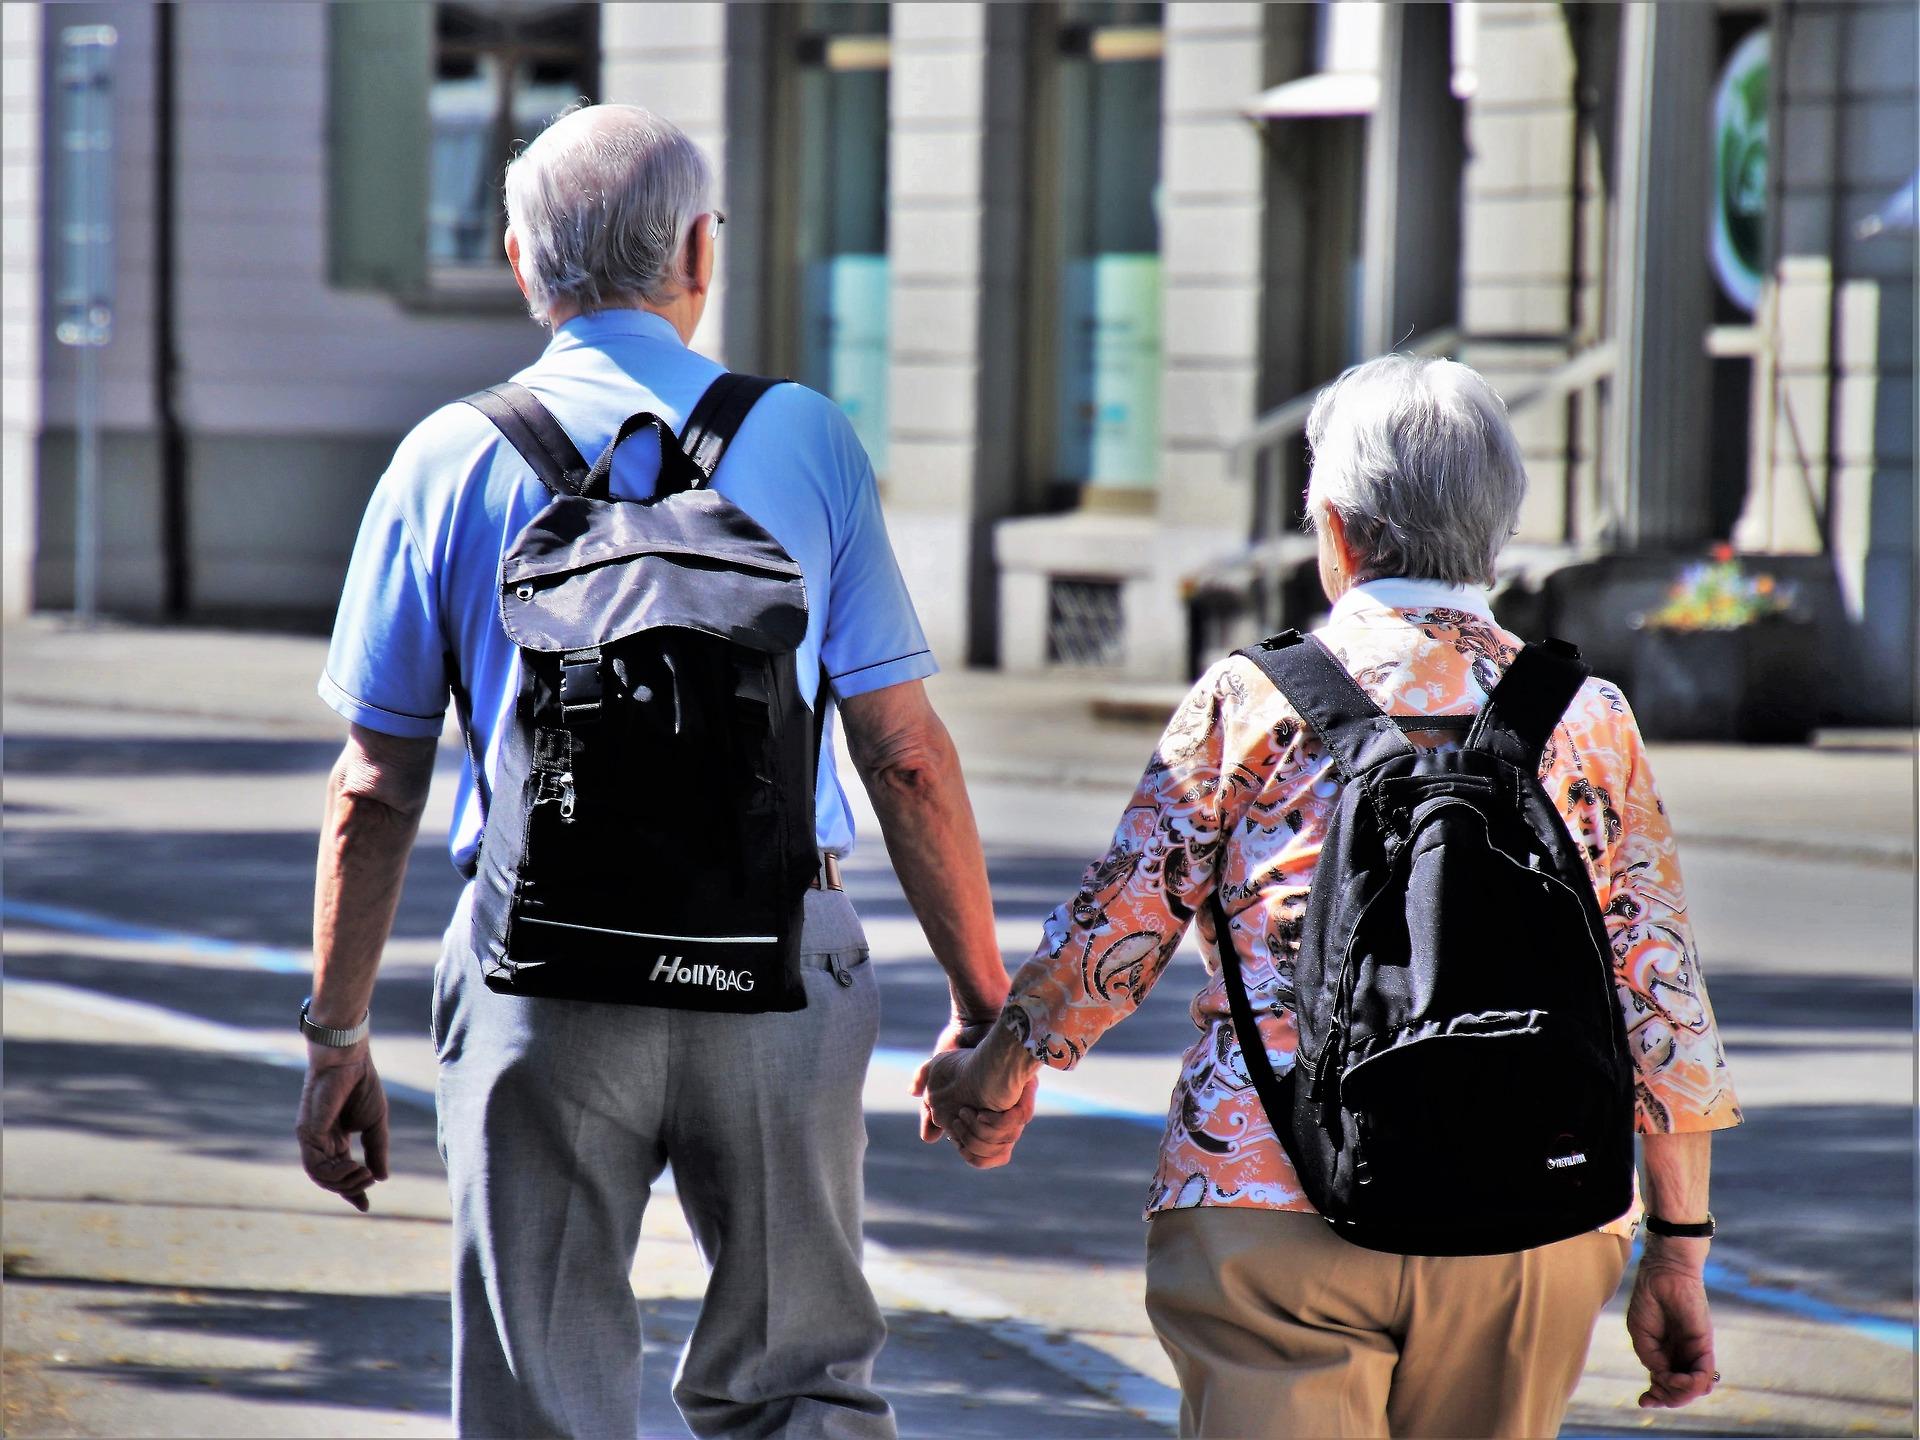 Pensionati in vacanza: la terza età è fatta per viaggiare